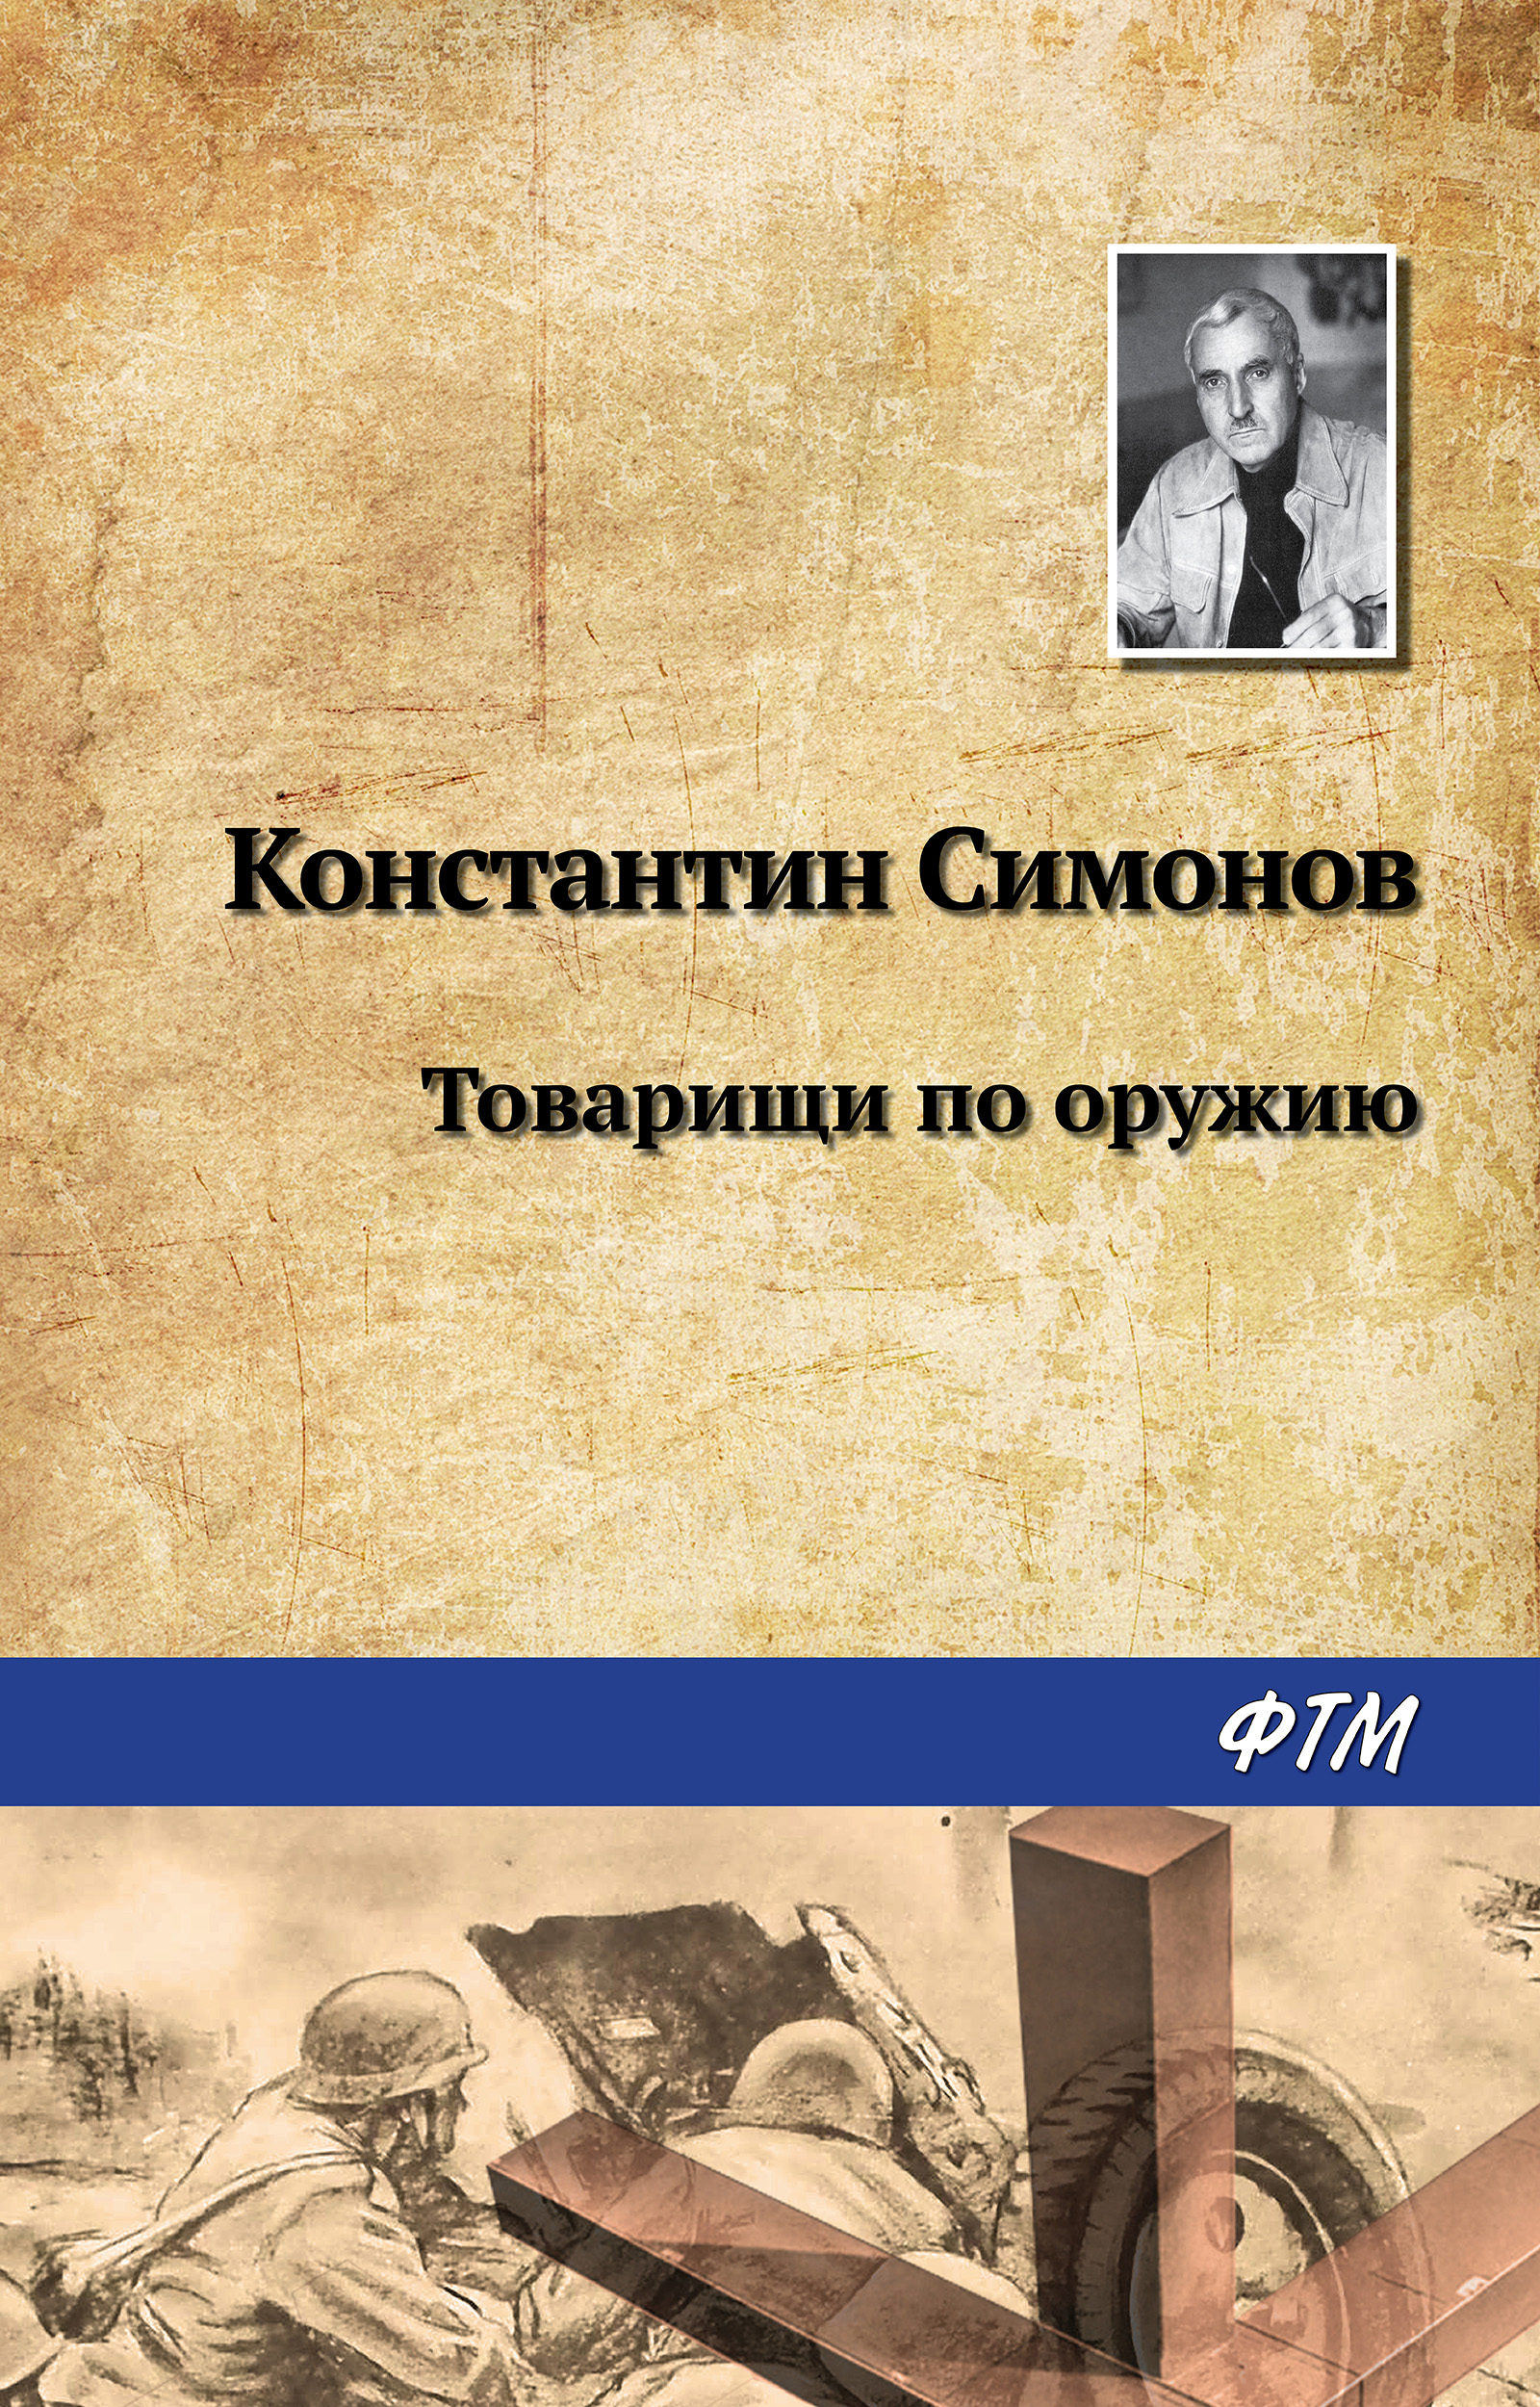 все цены на Константин Симонов Товарищи по оружию